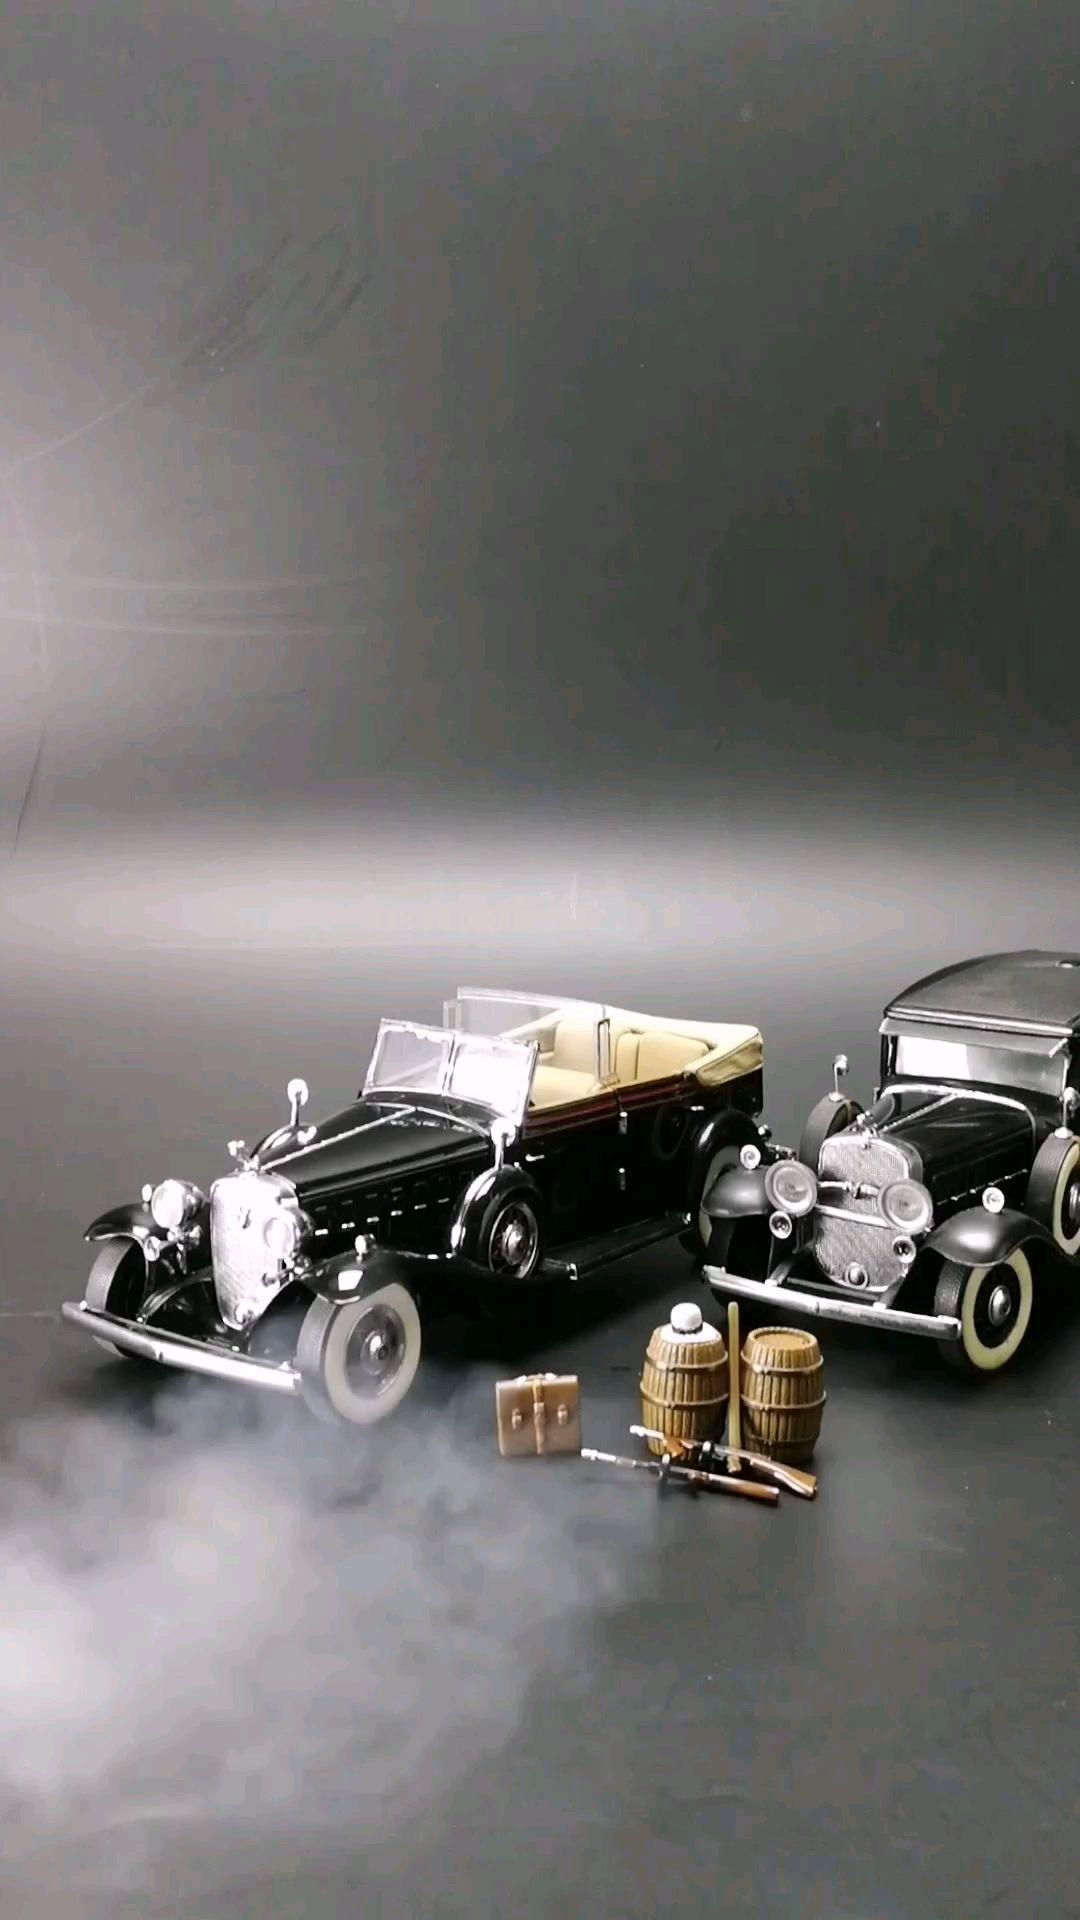 1930黑帮老大的座驾凯迪拉克V16豪华轿车,1:24比例,东晓汽车模型收藏馆藏品。